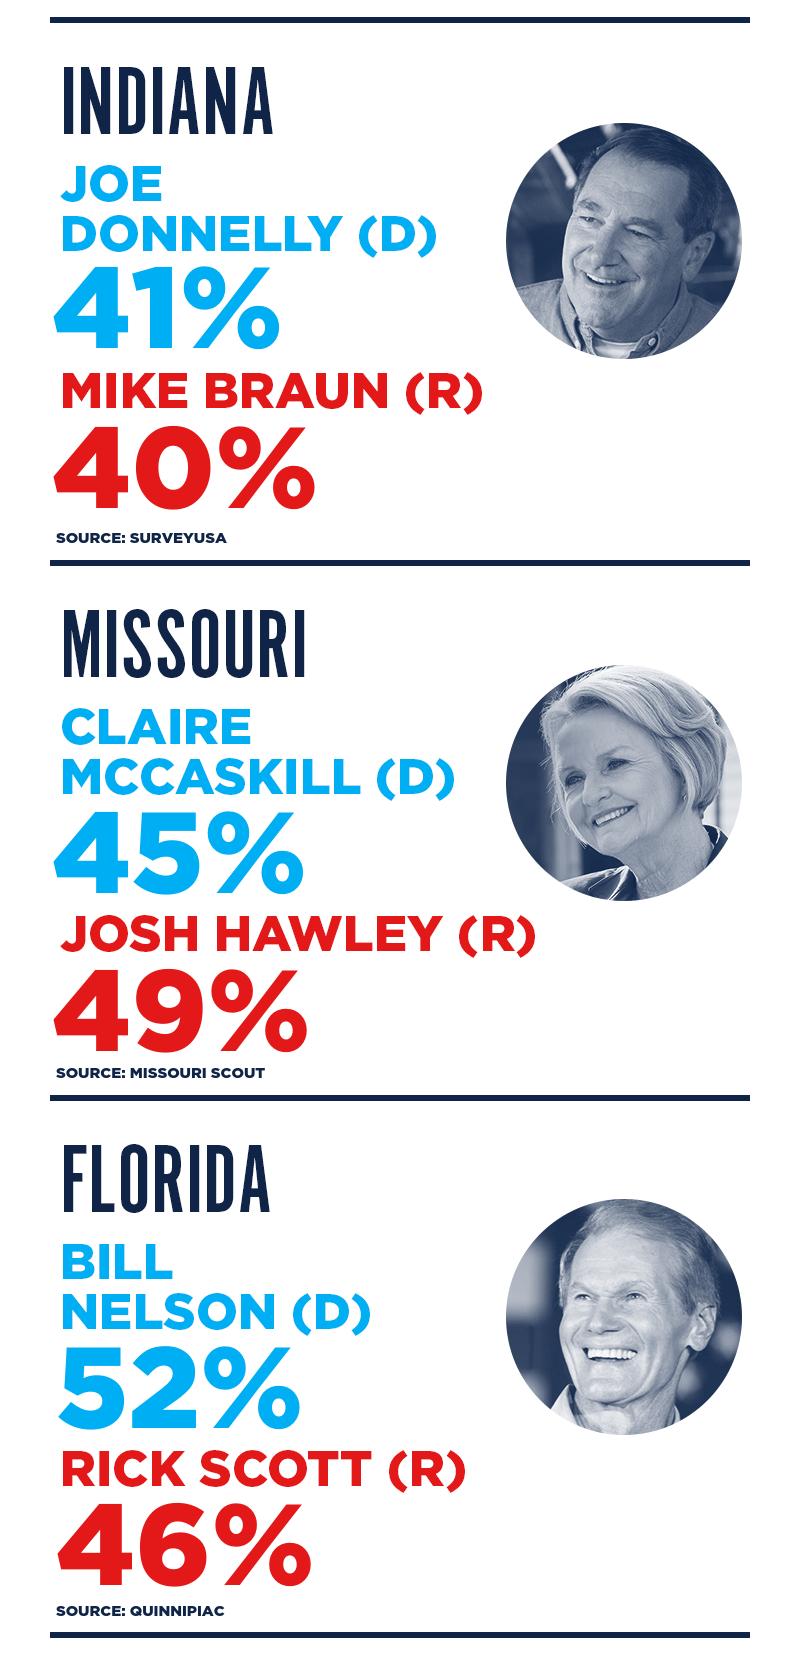 Indiana Joe Donnelly (D) 41% Mike Braun (R) 40% - SurveyUSA  Missouri Claire McCaskill (D) 45% Josh Hawley (R) 49% - Missouri Scout  Florida Bill Nelson (D) 52% Rick Scott (R) 46% - Quinnipiac